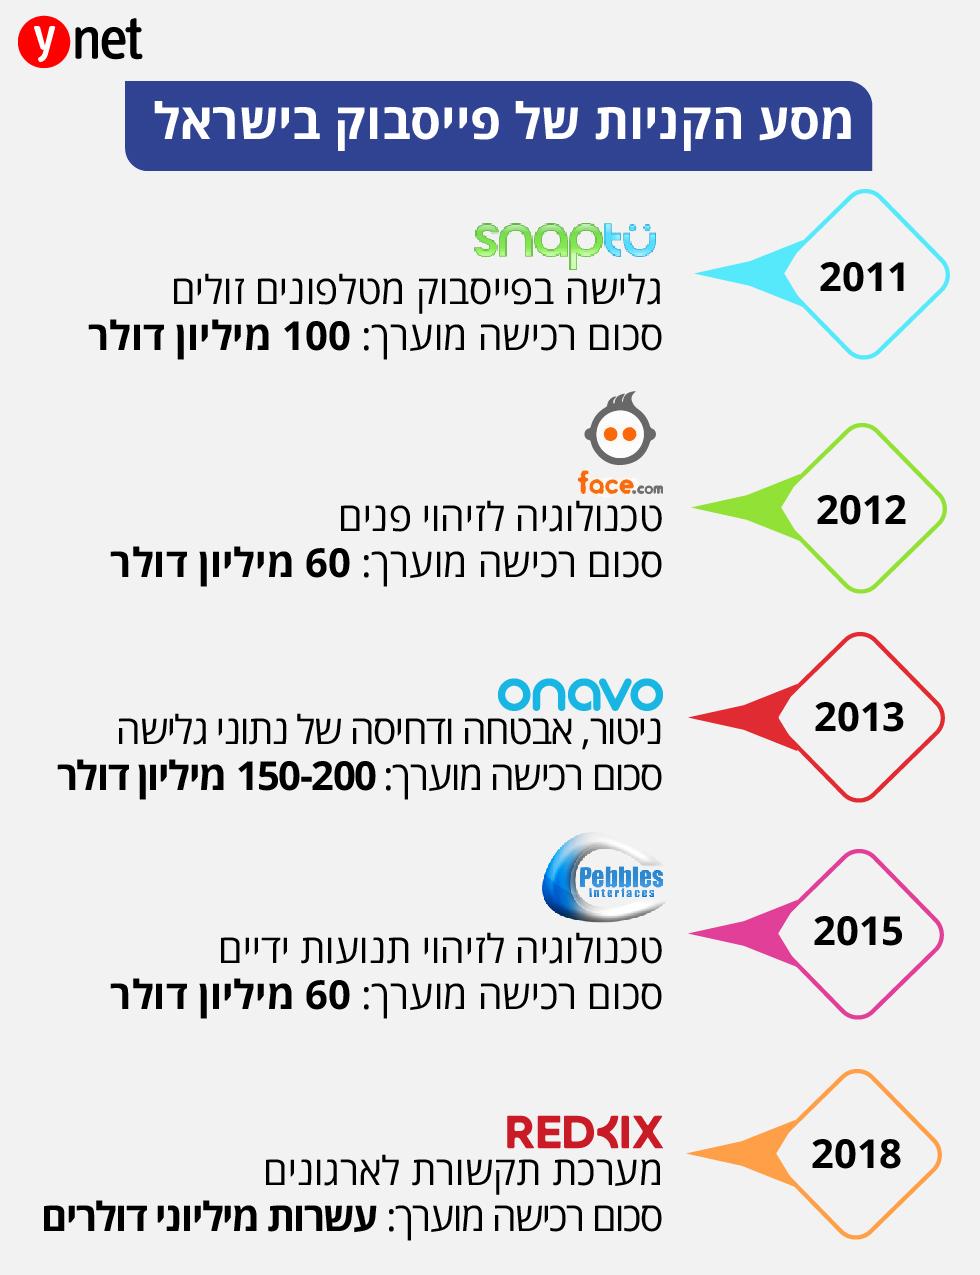 מסע הקניות של פייסבוק בישראל ()